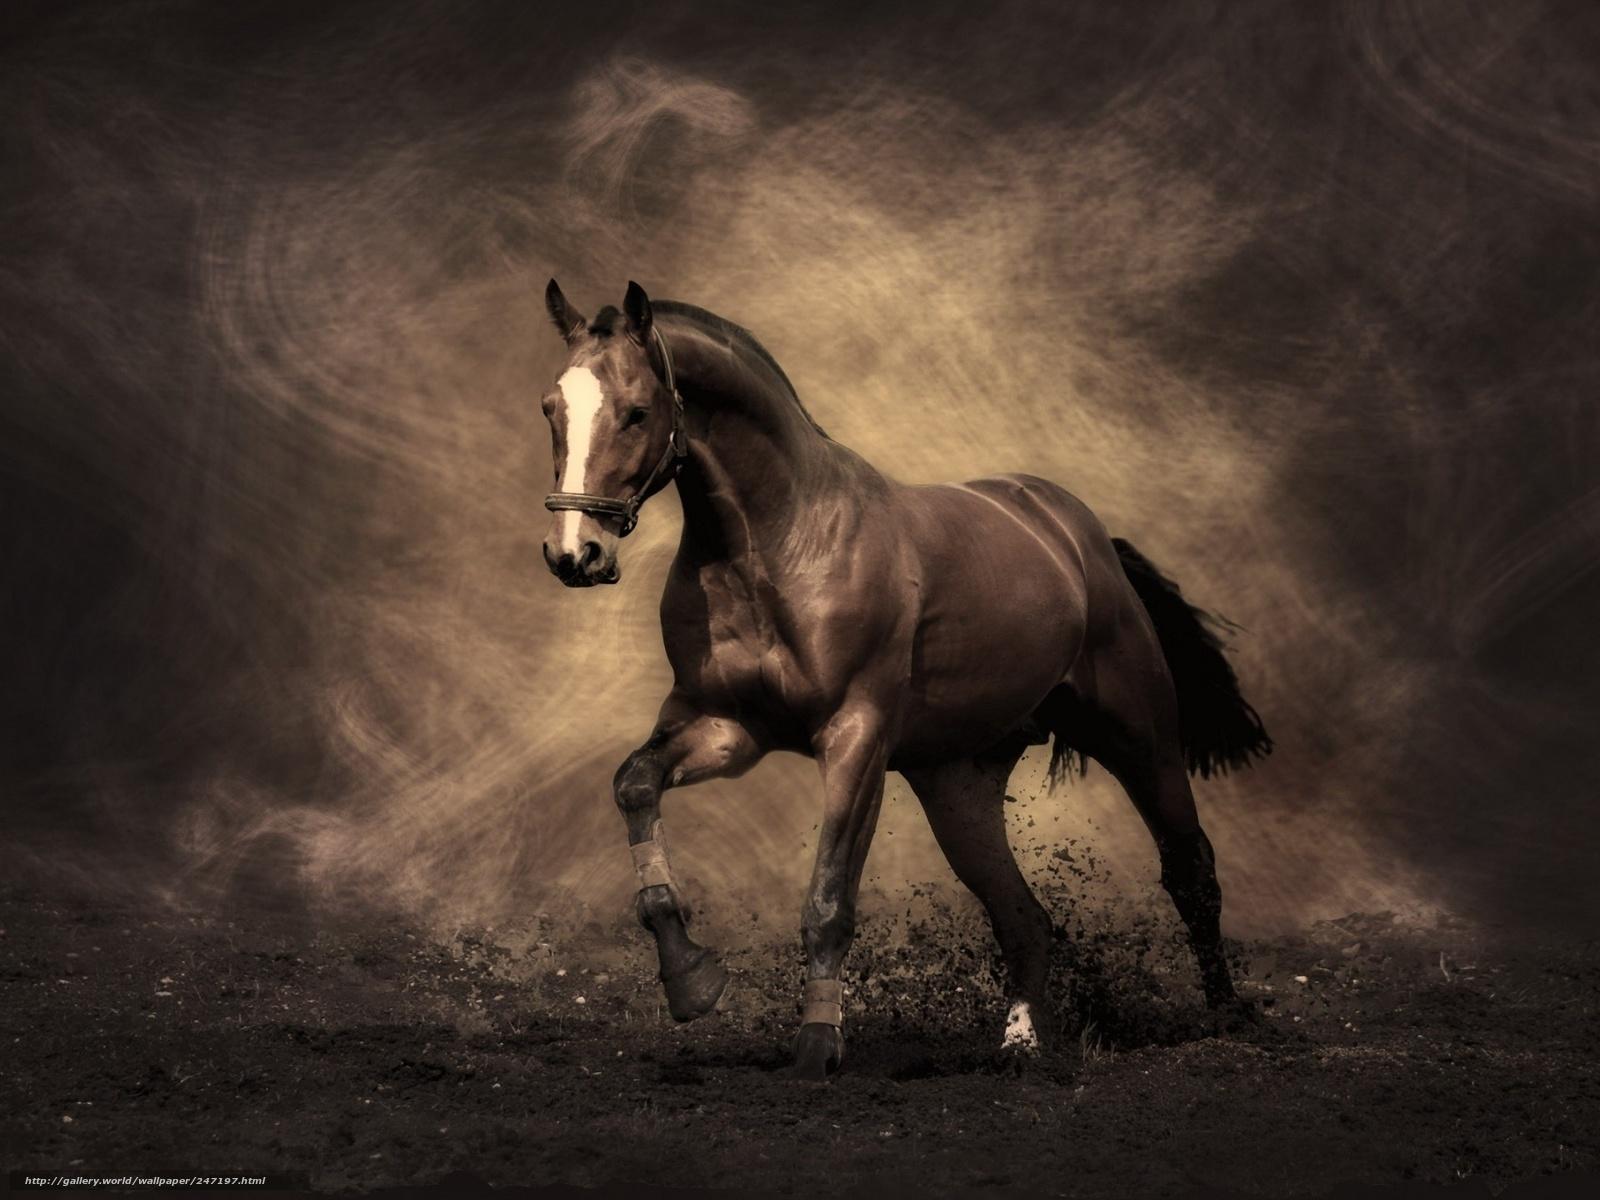 Scaricare gli sfondi animali cavallo cavallo da corsa for Sfondi desktop animali